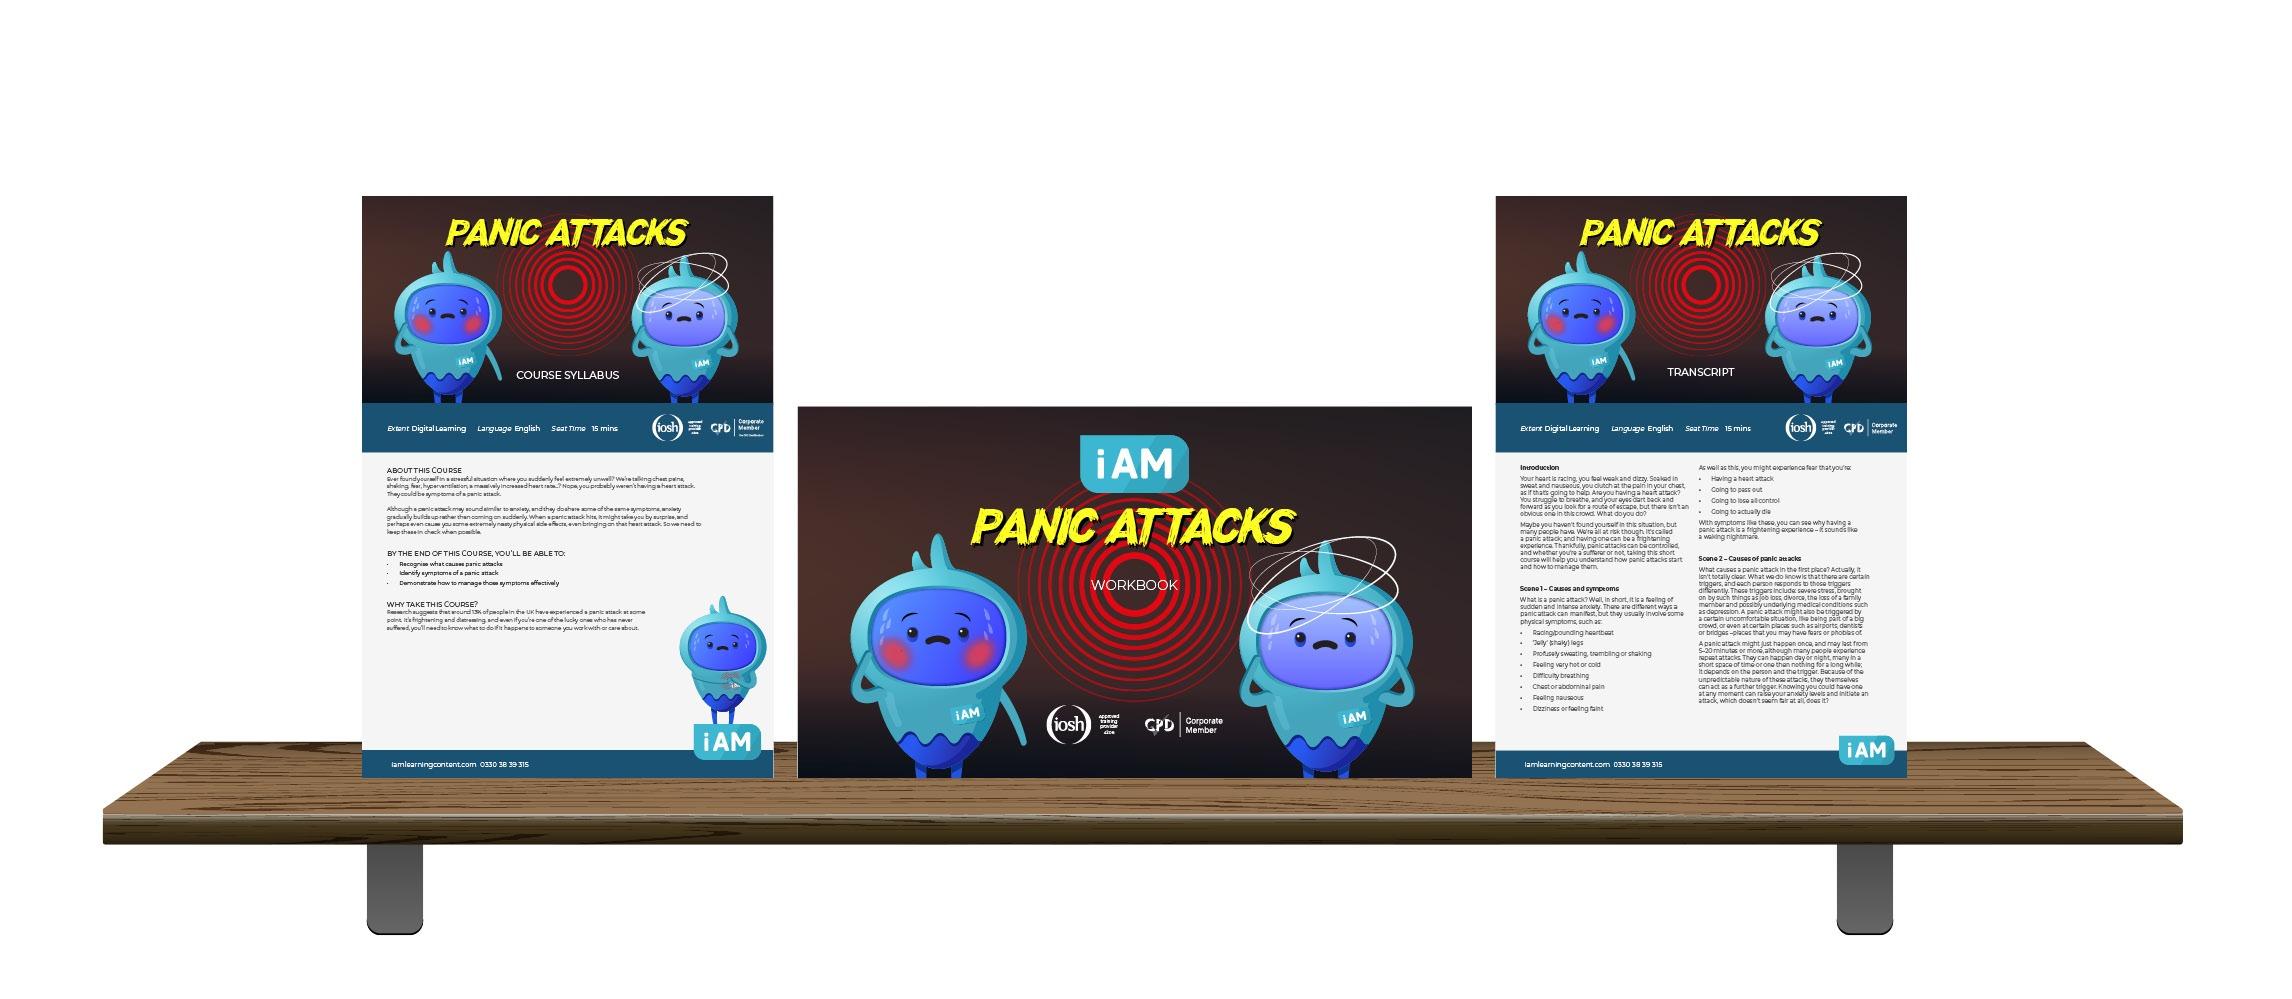 iAM 00016 - Panic Attacks - Landing Page8